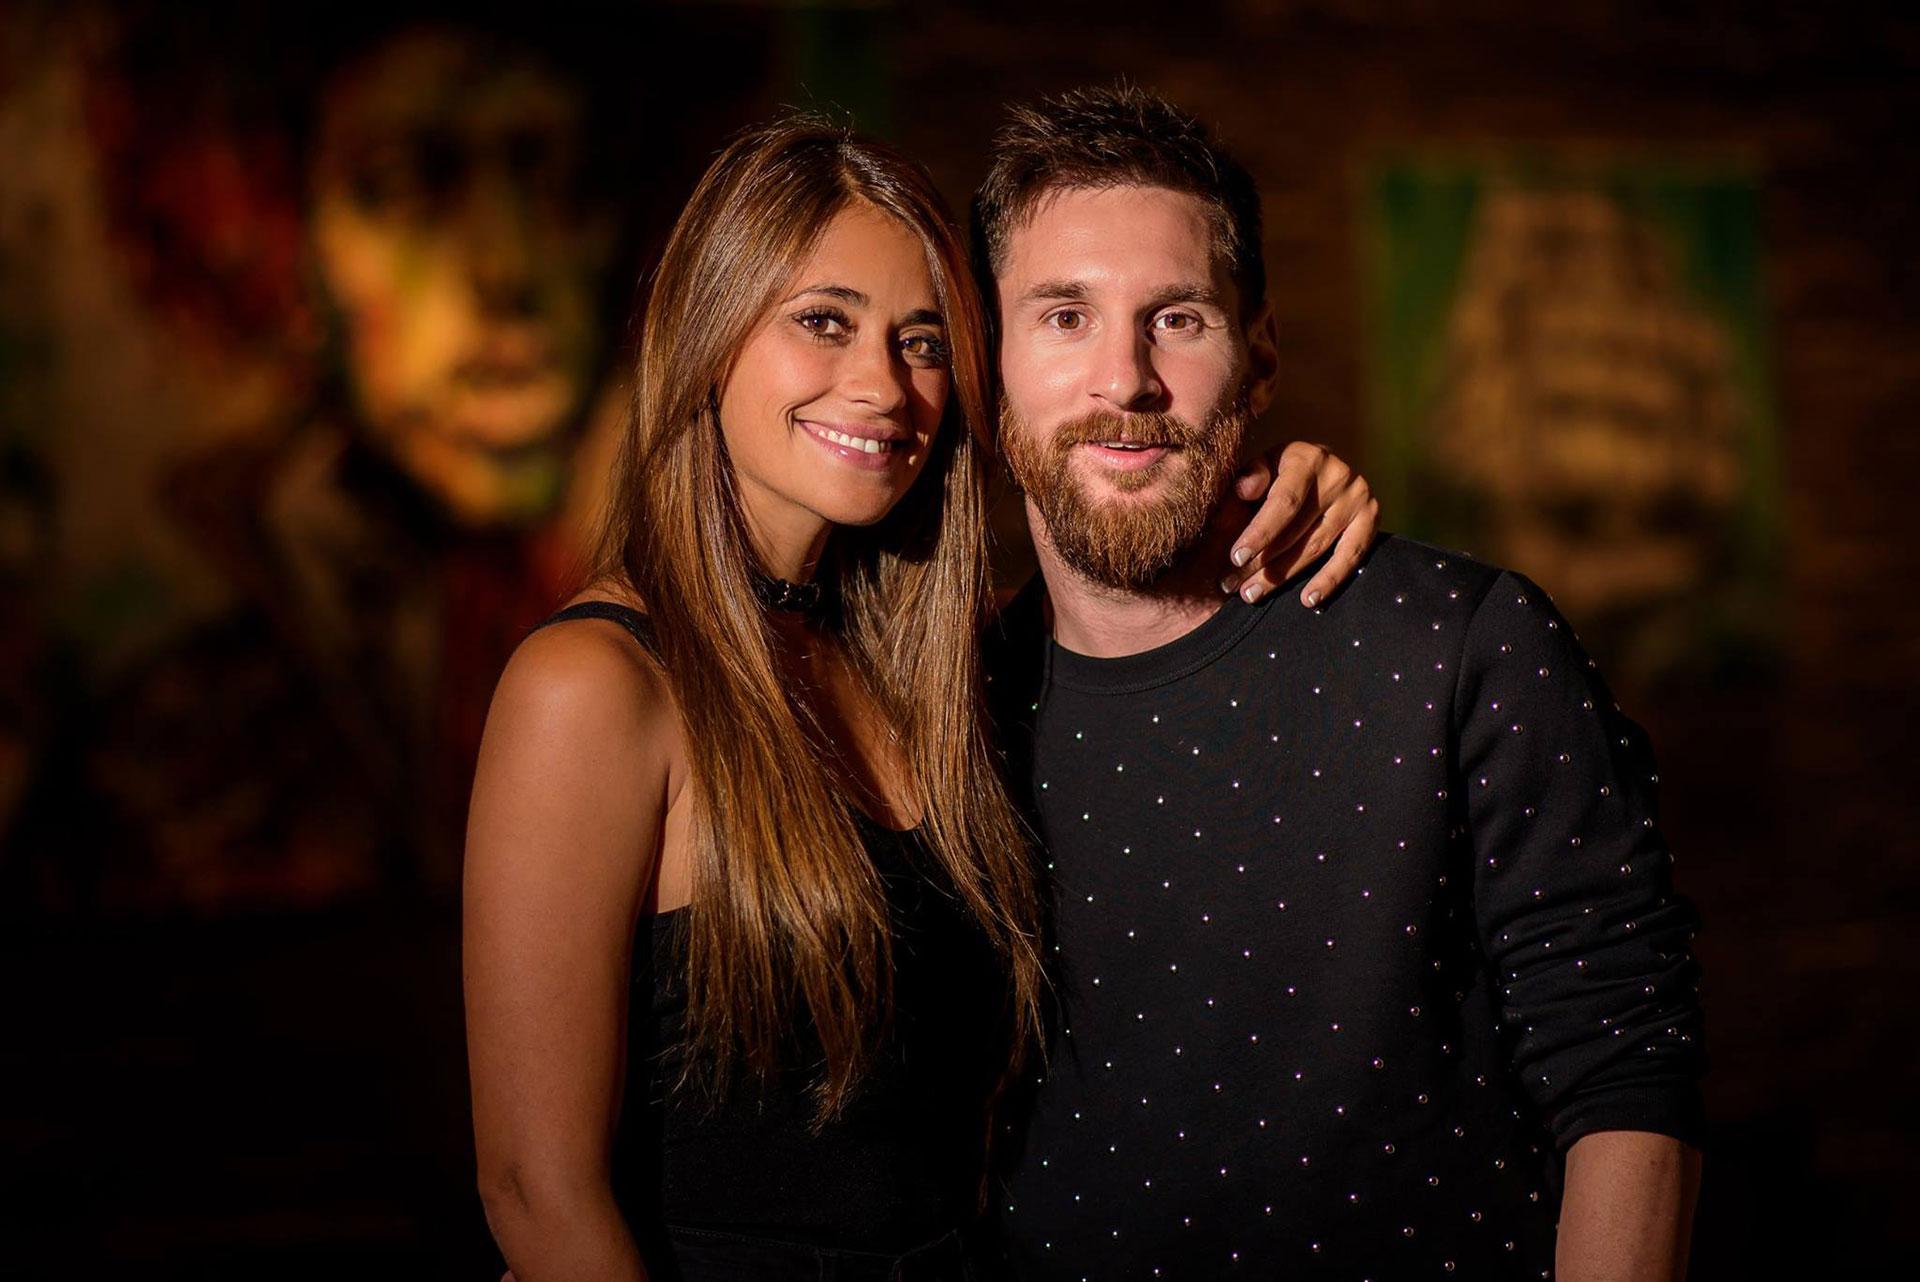 La última foto de Lionel Messi y Antonela Roccuzzo como novios, compartida por las cuentas oficiales del jugador